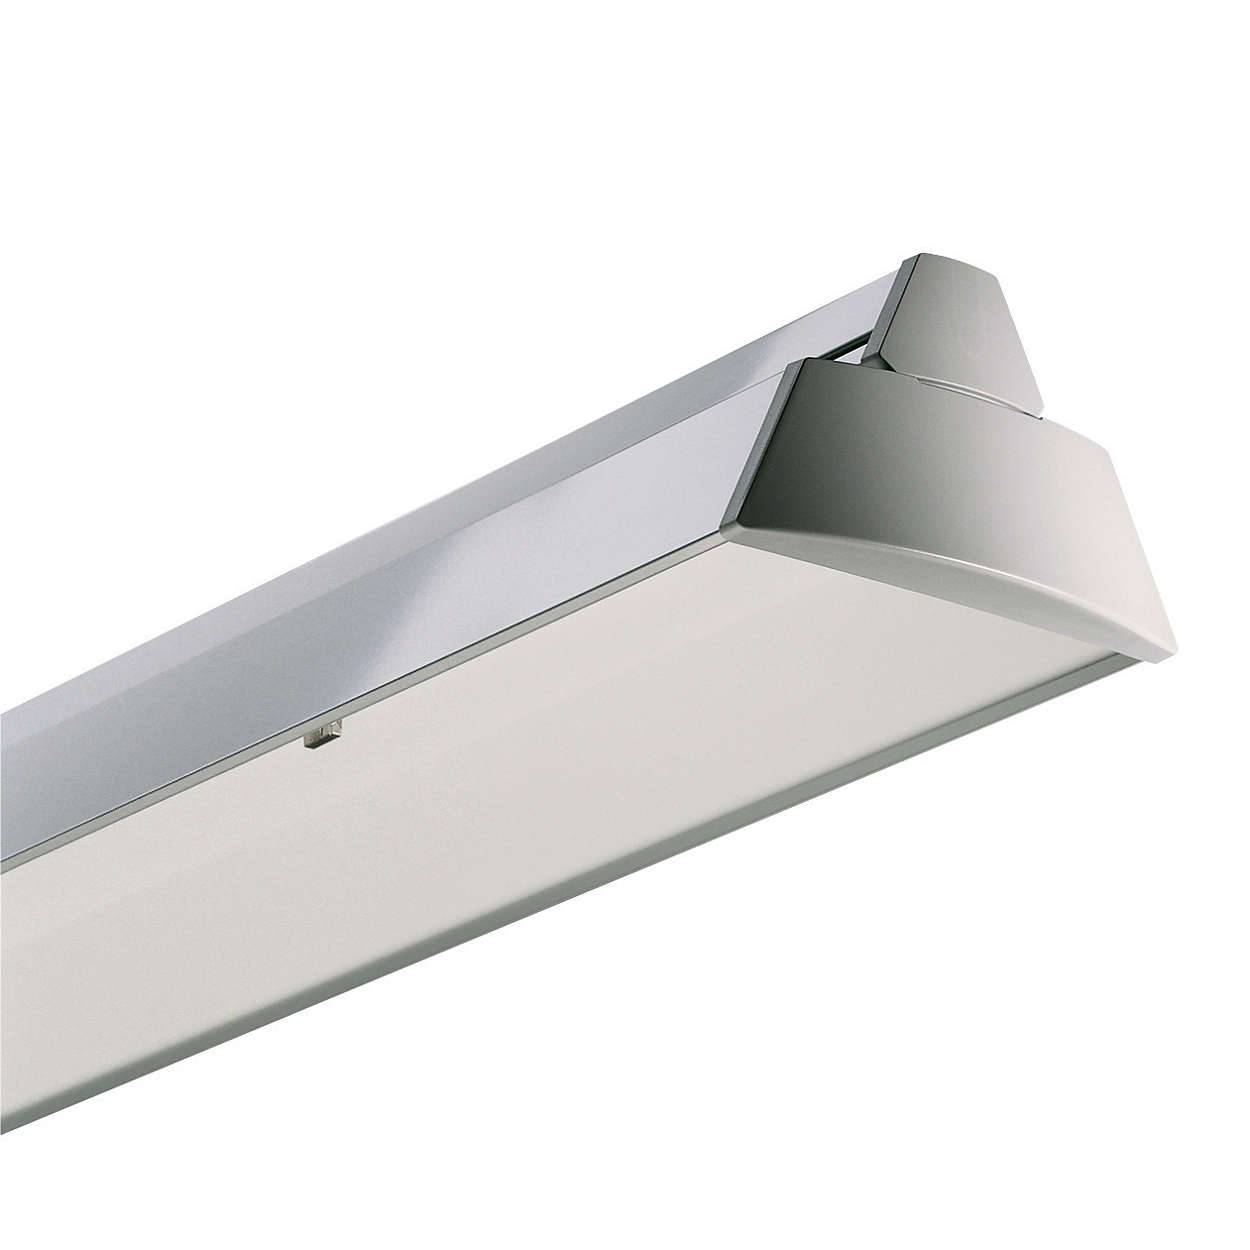 Trapeze reflectors and optics 4MX092 MAXOS TL-D